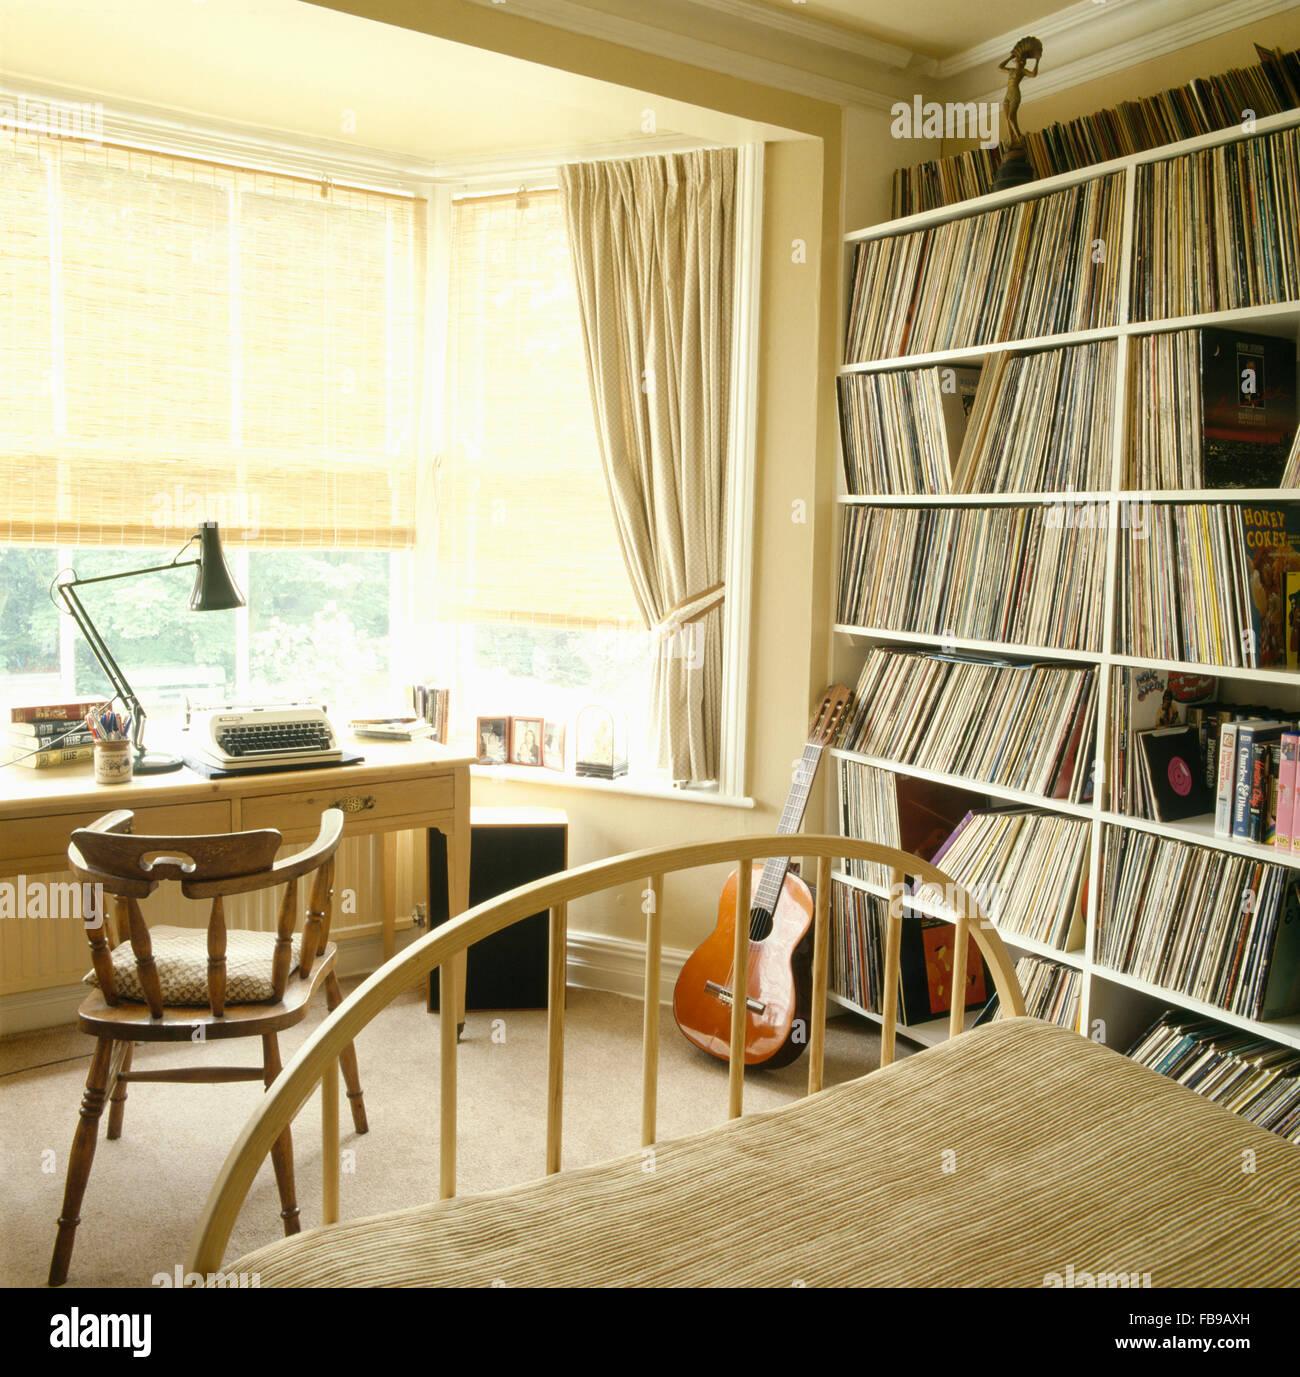 Pinoleum Vorhänge Am Fenster Hinter Schreibtisch Und Stuhl In Der Achtziger  Jahre Studieren Schlafzimmer Mit Eingebauten Regale